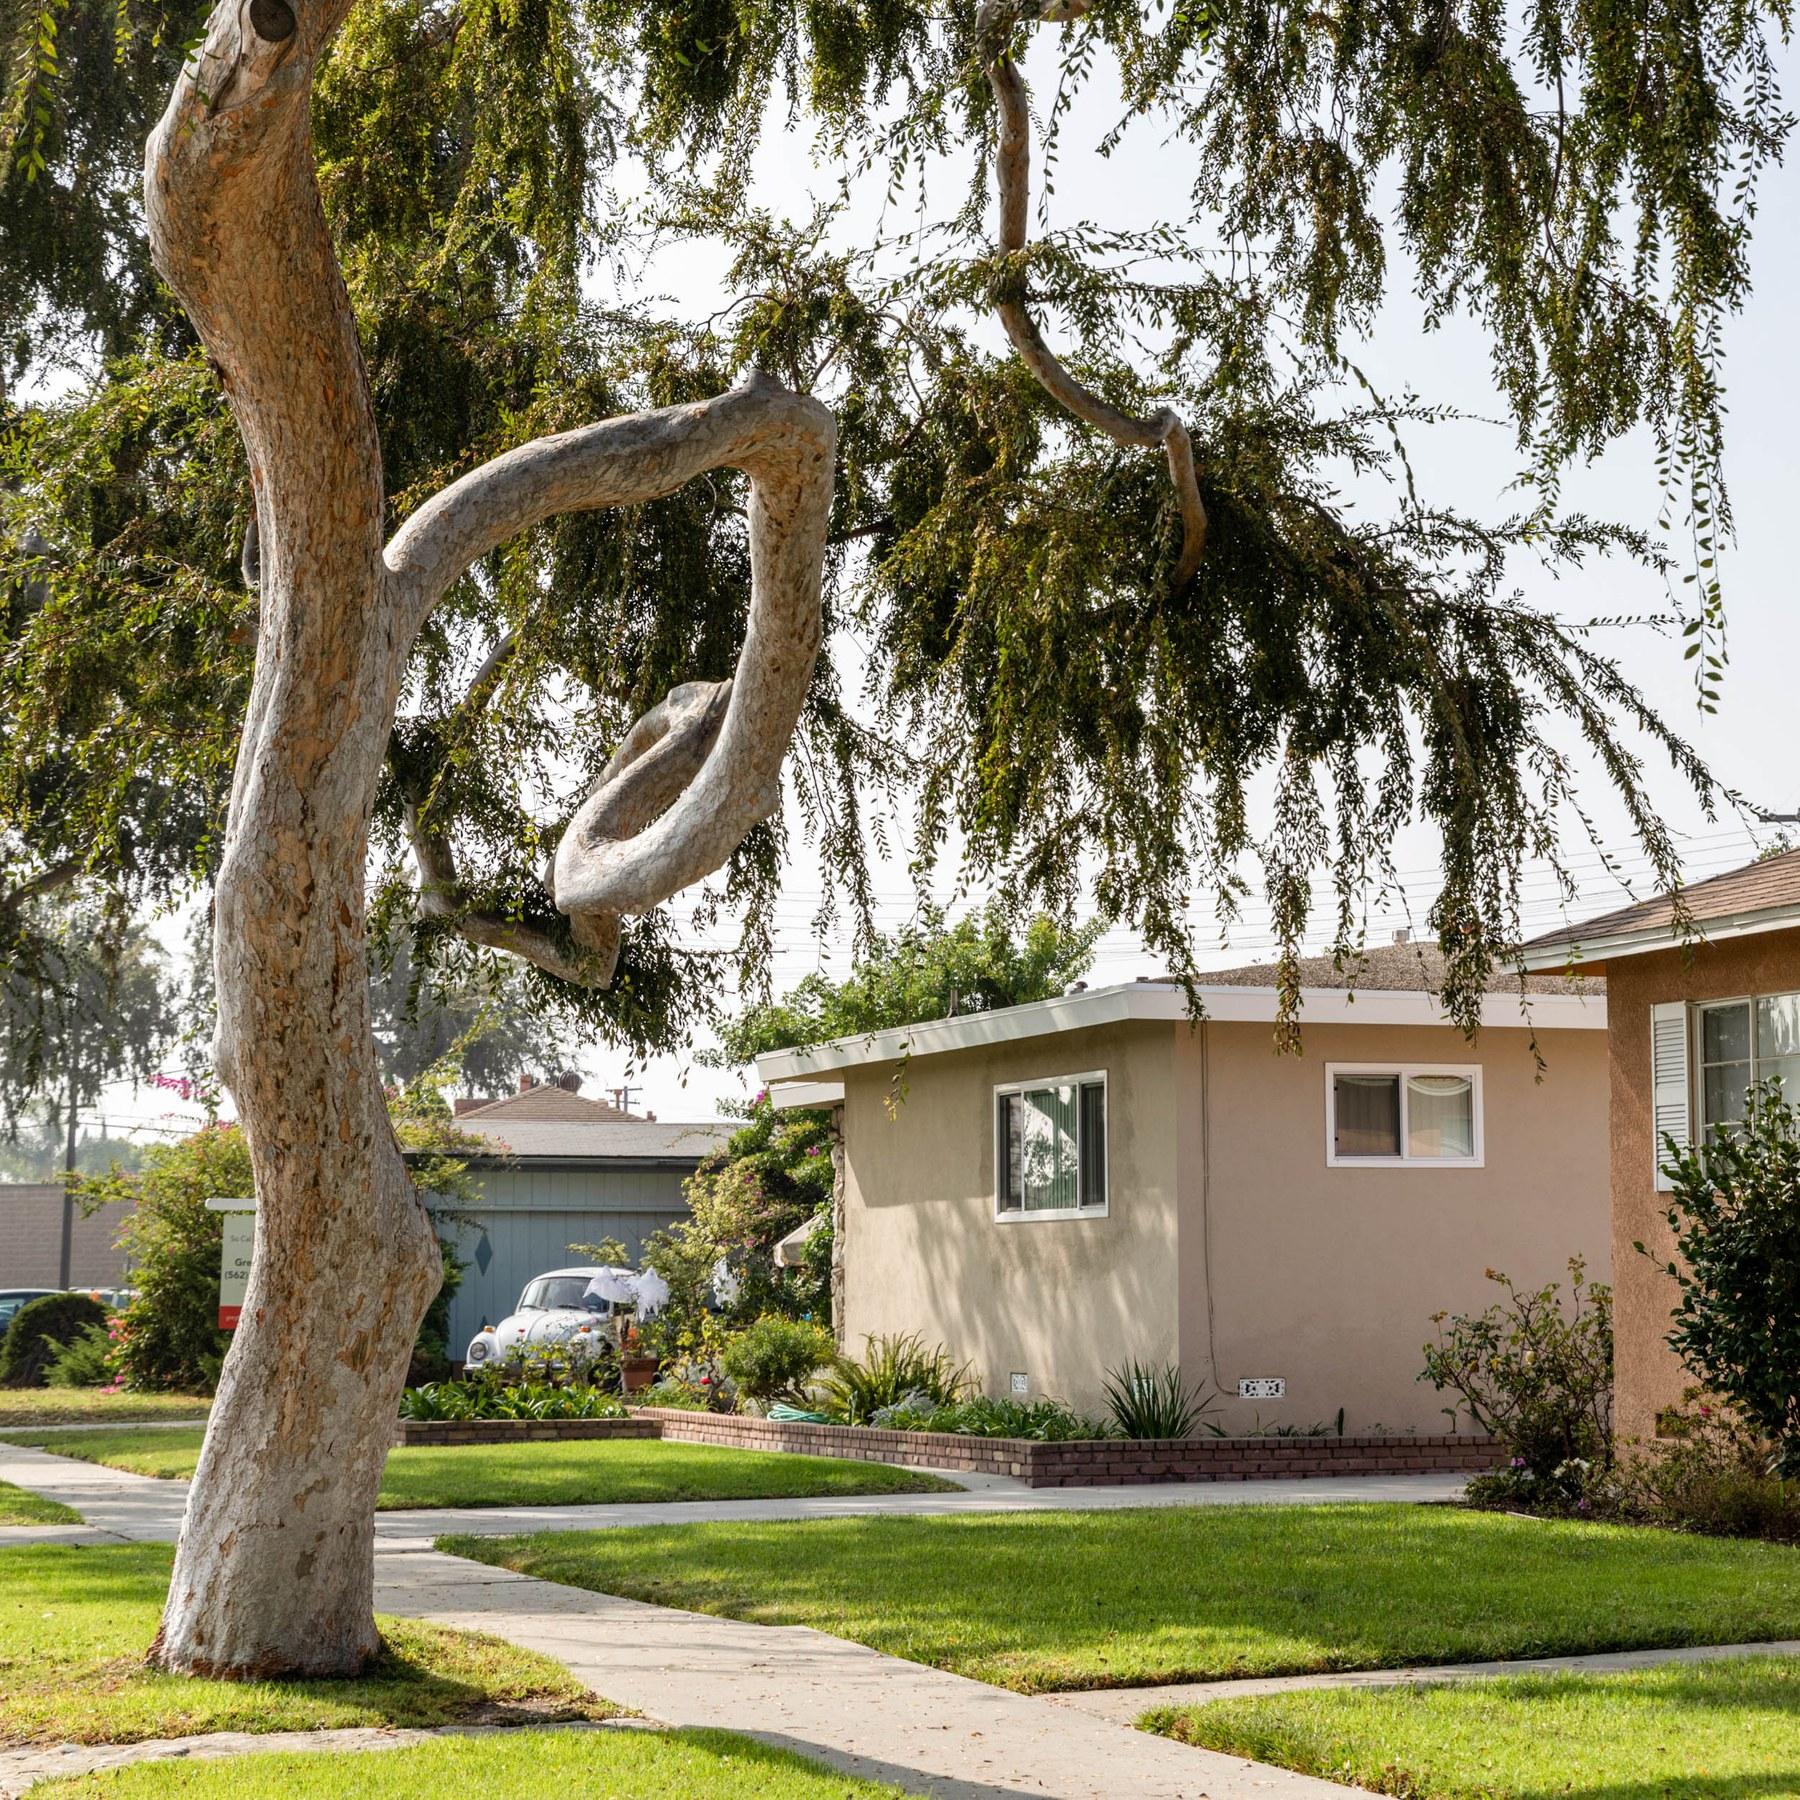 Los Altos, Long Beach CA - Neighborhood Guide